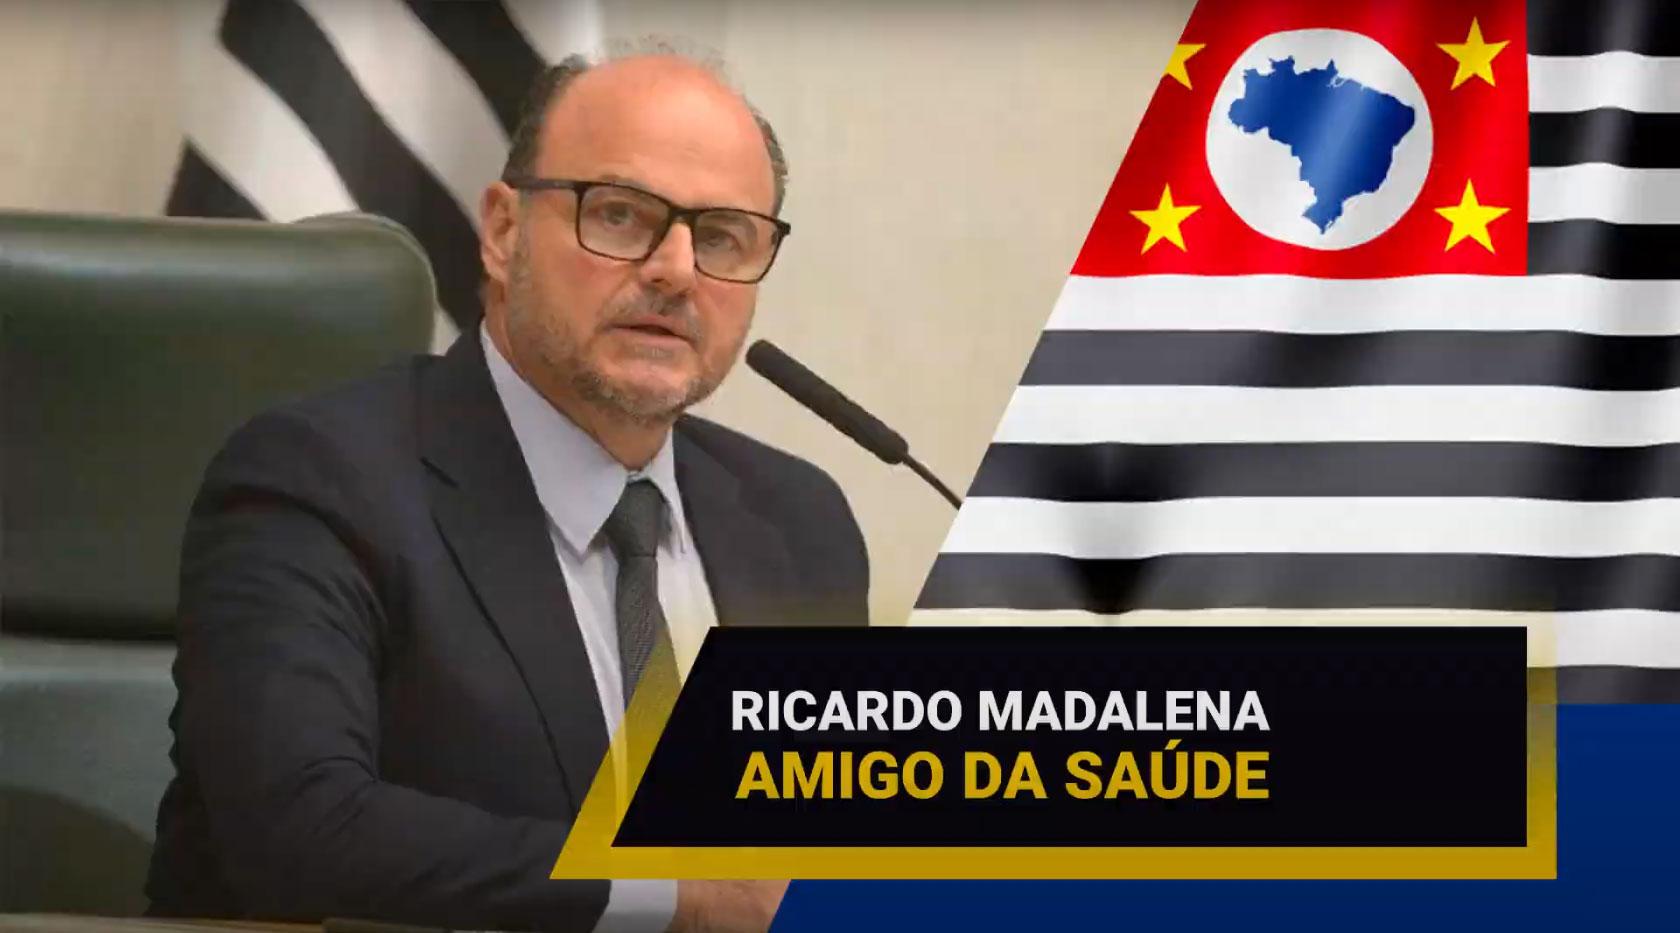 deputado-estadual-ricardo-madalena-e-amigo-da-saude - Acao Comunicativa